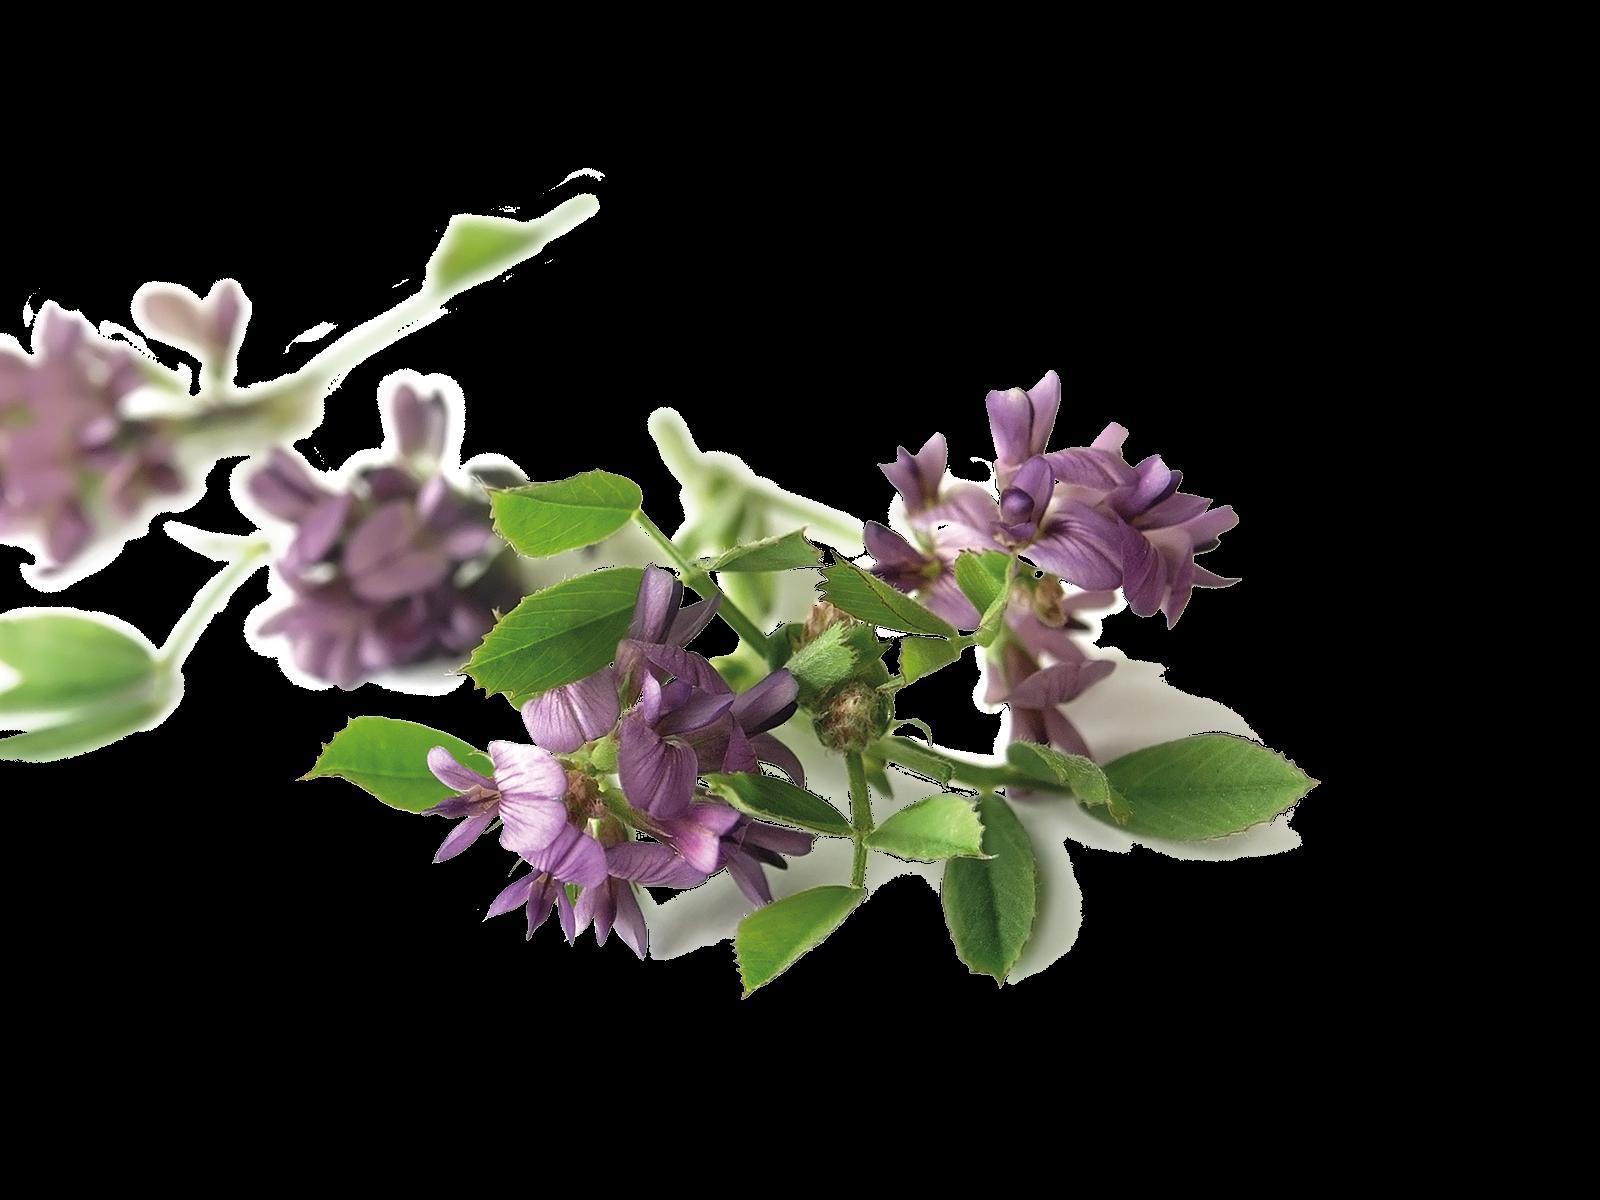 Blätter und Stängel der Luzerne aus dem Produkt Kräuter Luzerne Klee für Nager von Speers Hoff